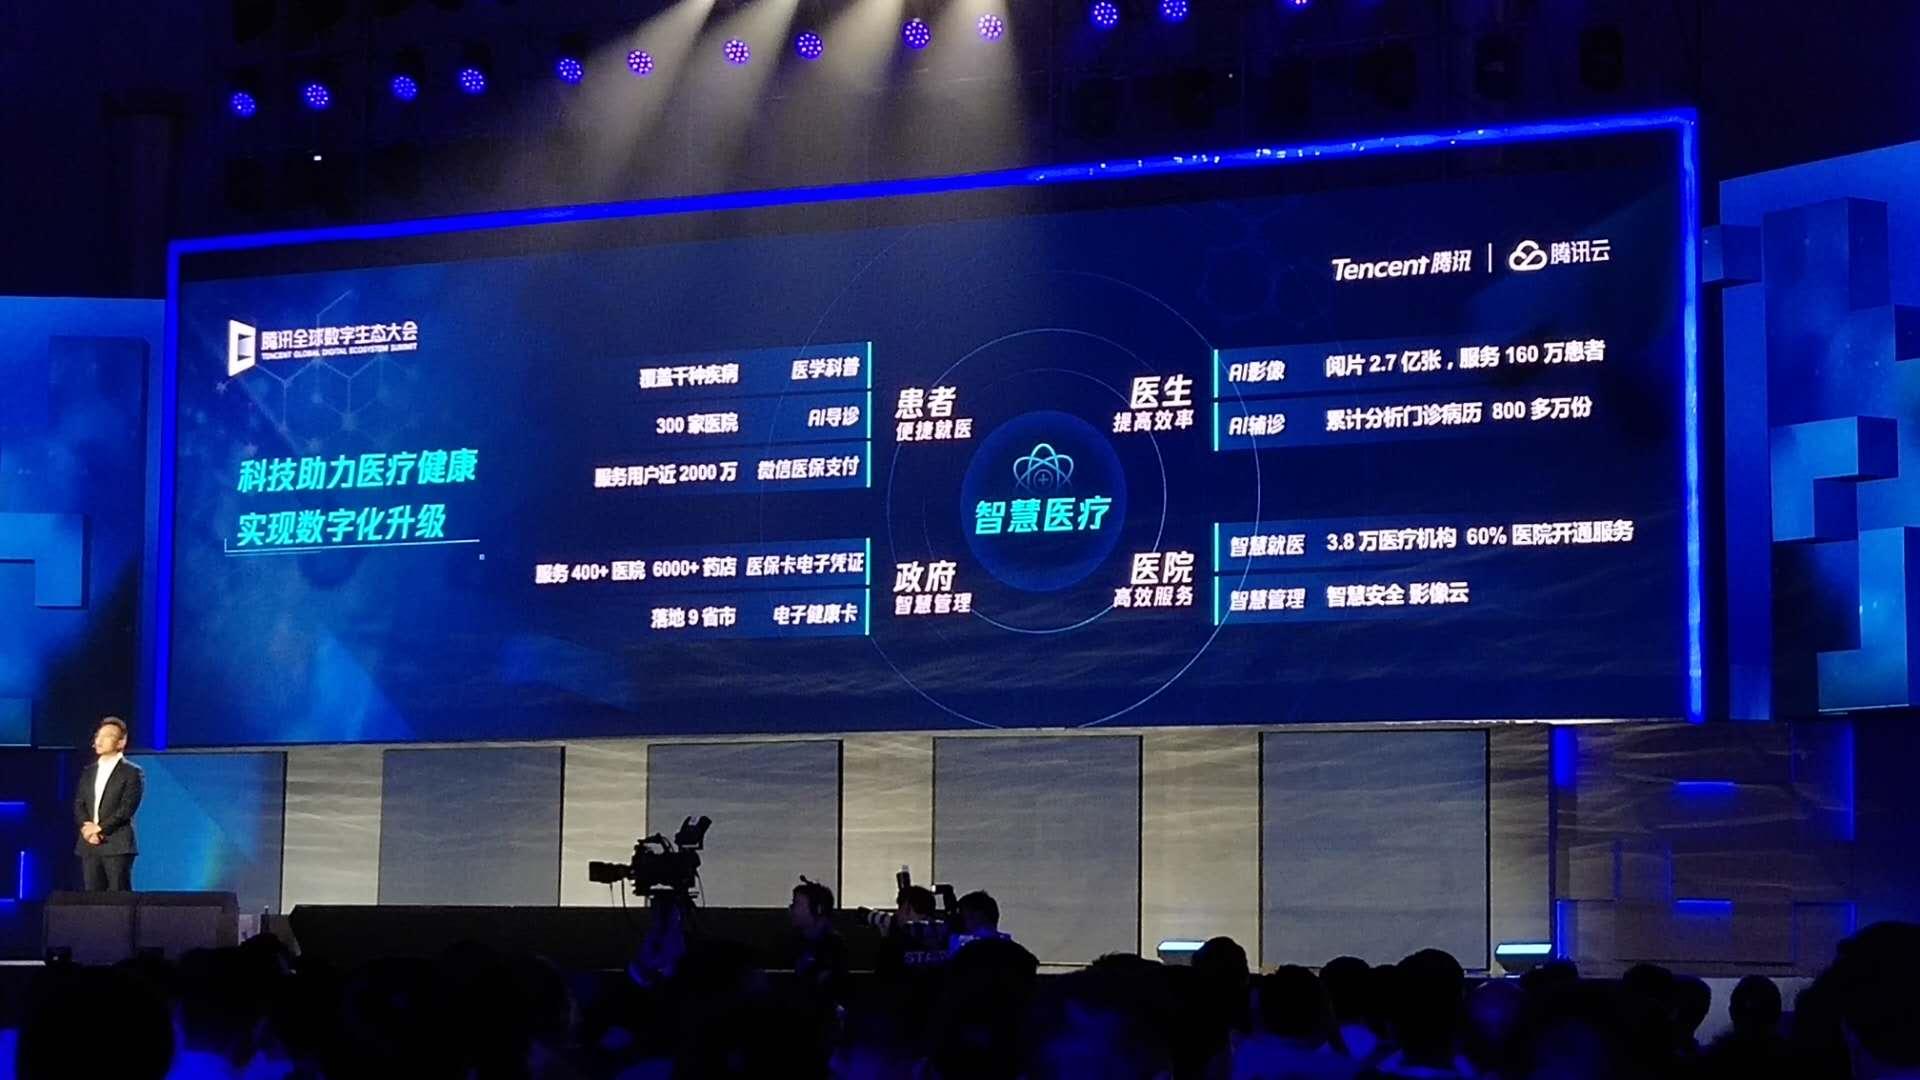 腾讯副总裁丁珂:腾讯智慧医疗希望做好三件事情